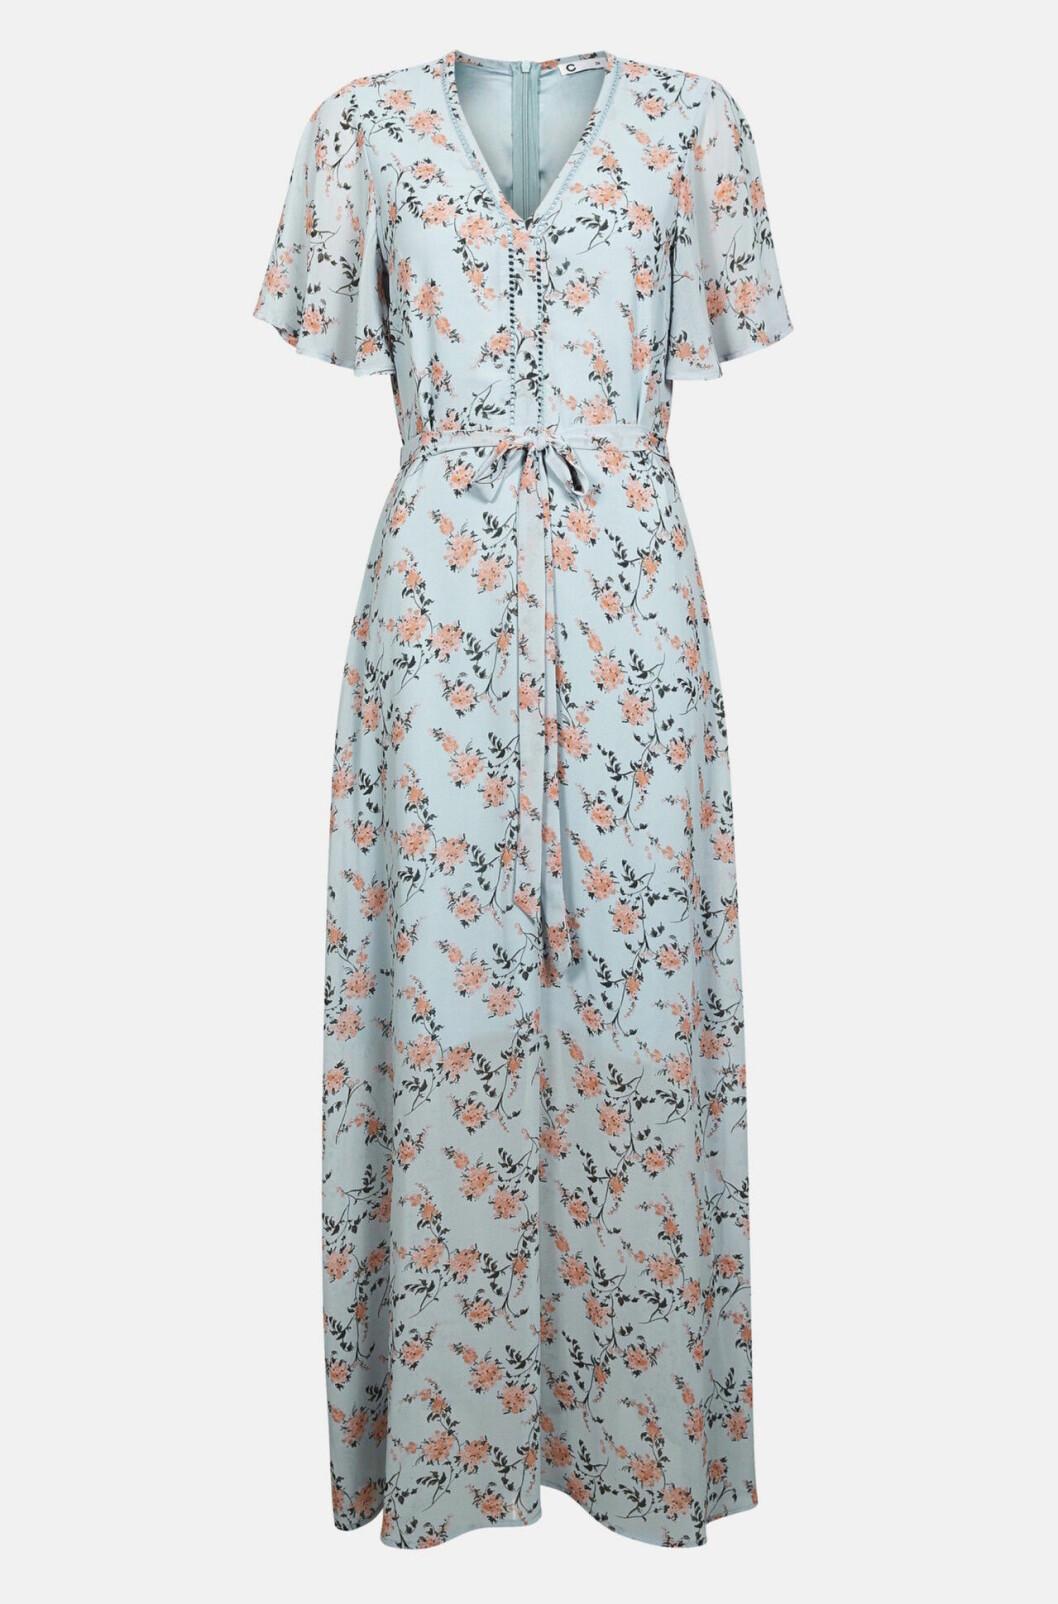 Blå klänning för dam till sommarens bröllop